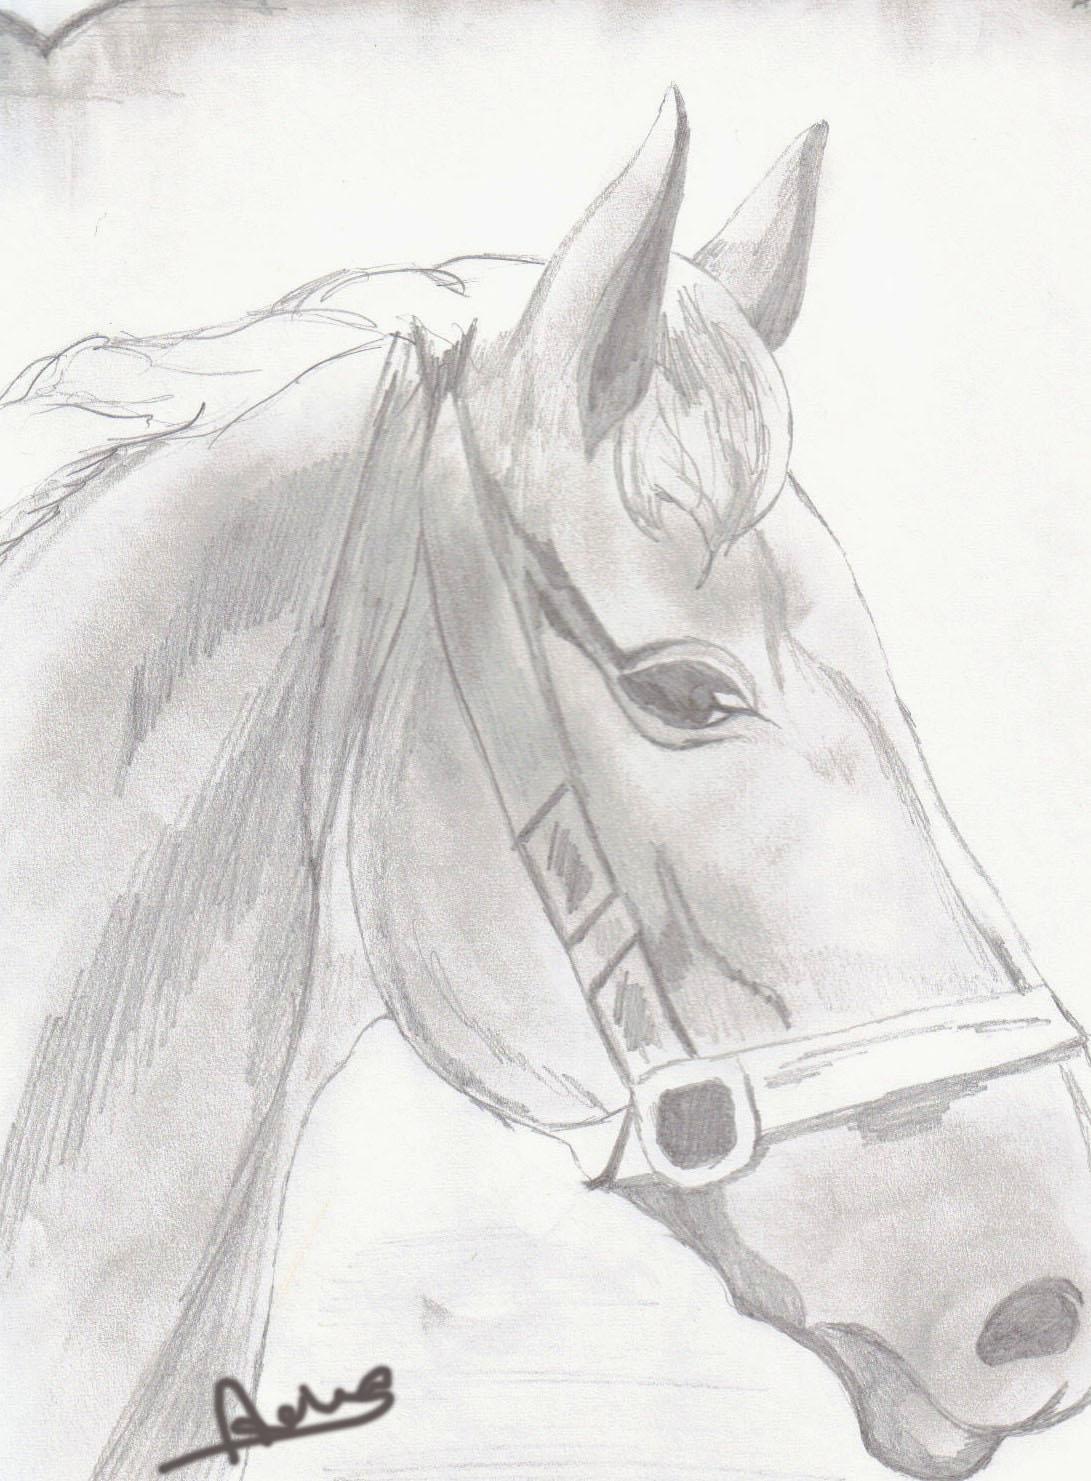 Disegni di cavalli disegni dei cavalli da colorare disegni for Disegni cavalli da stampare